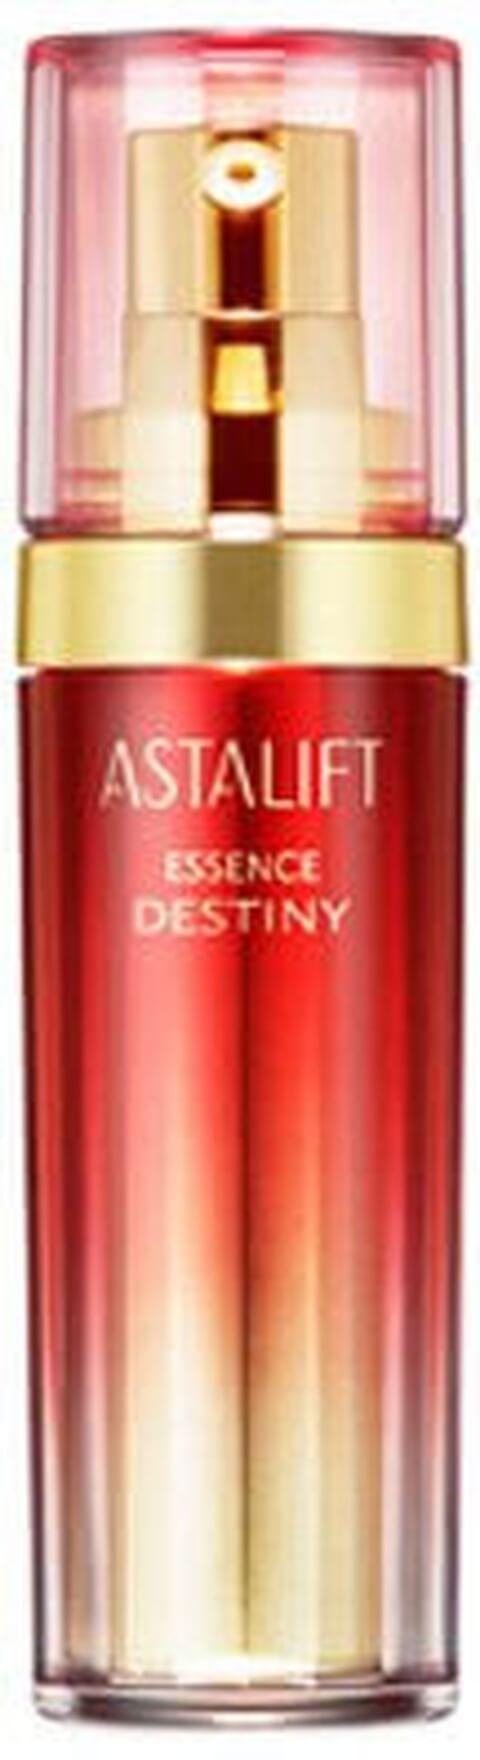 astalift-serum